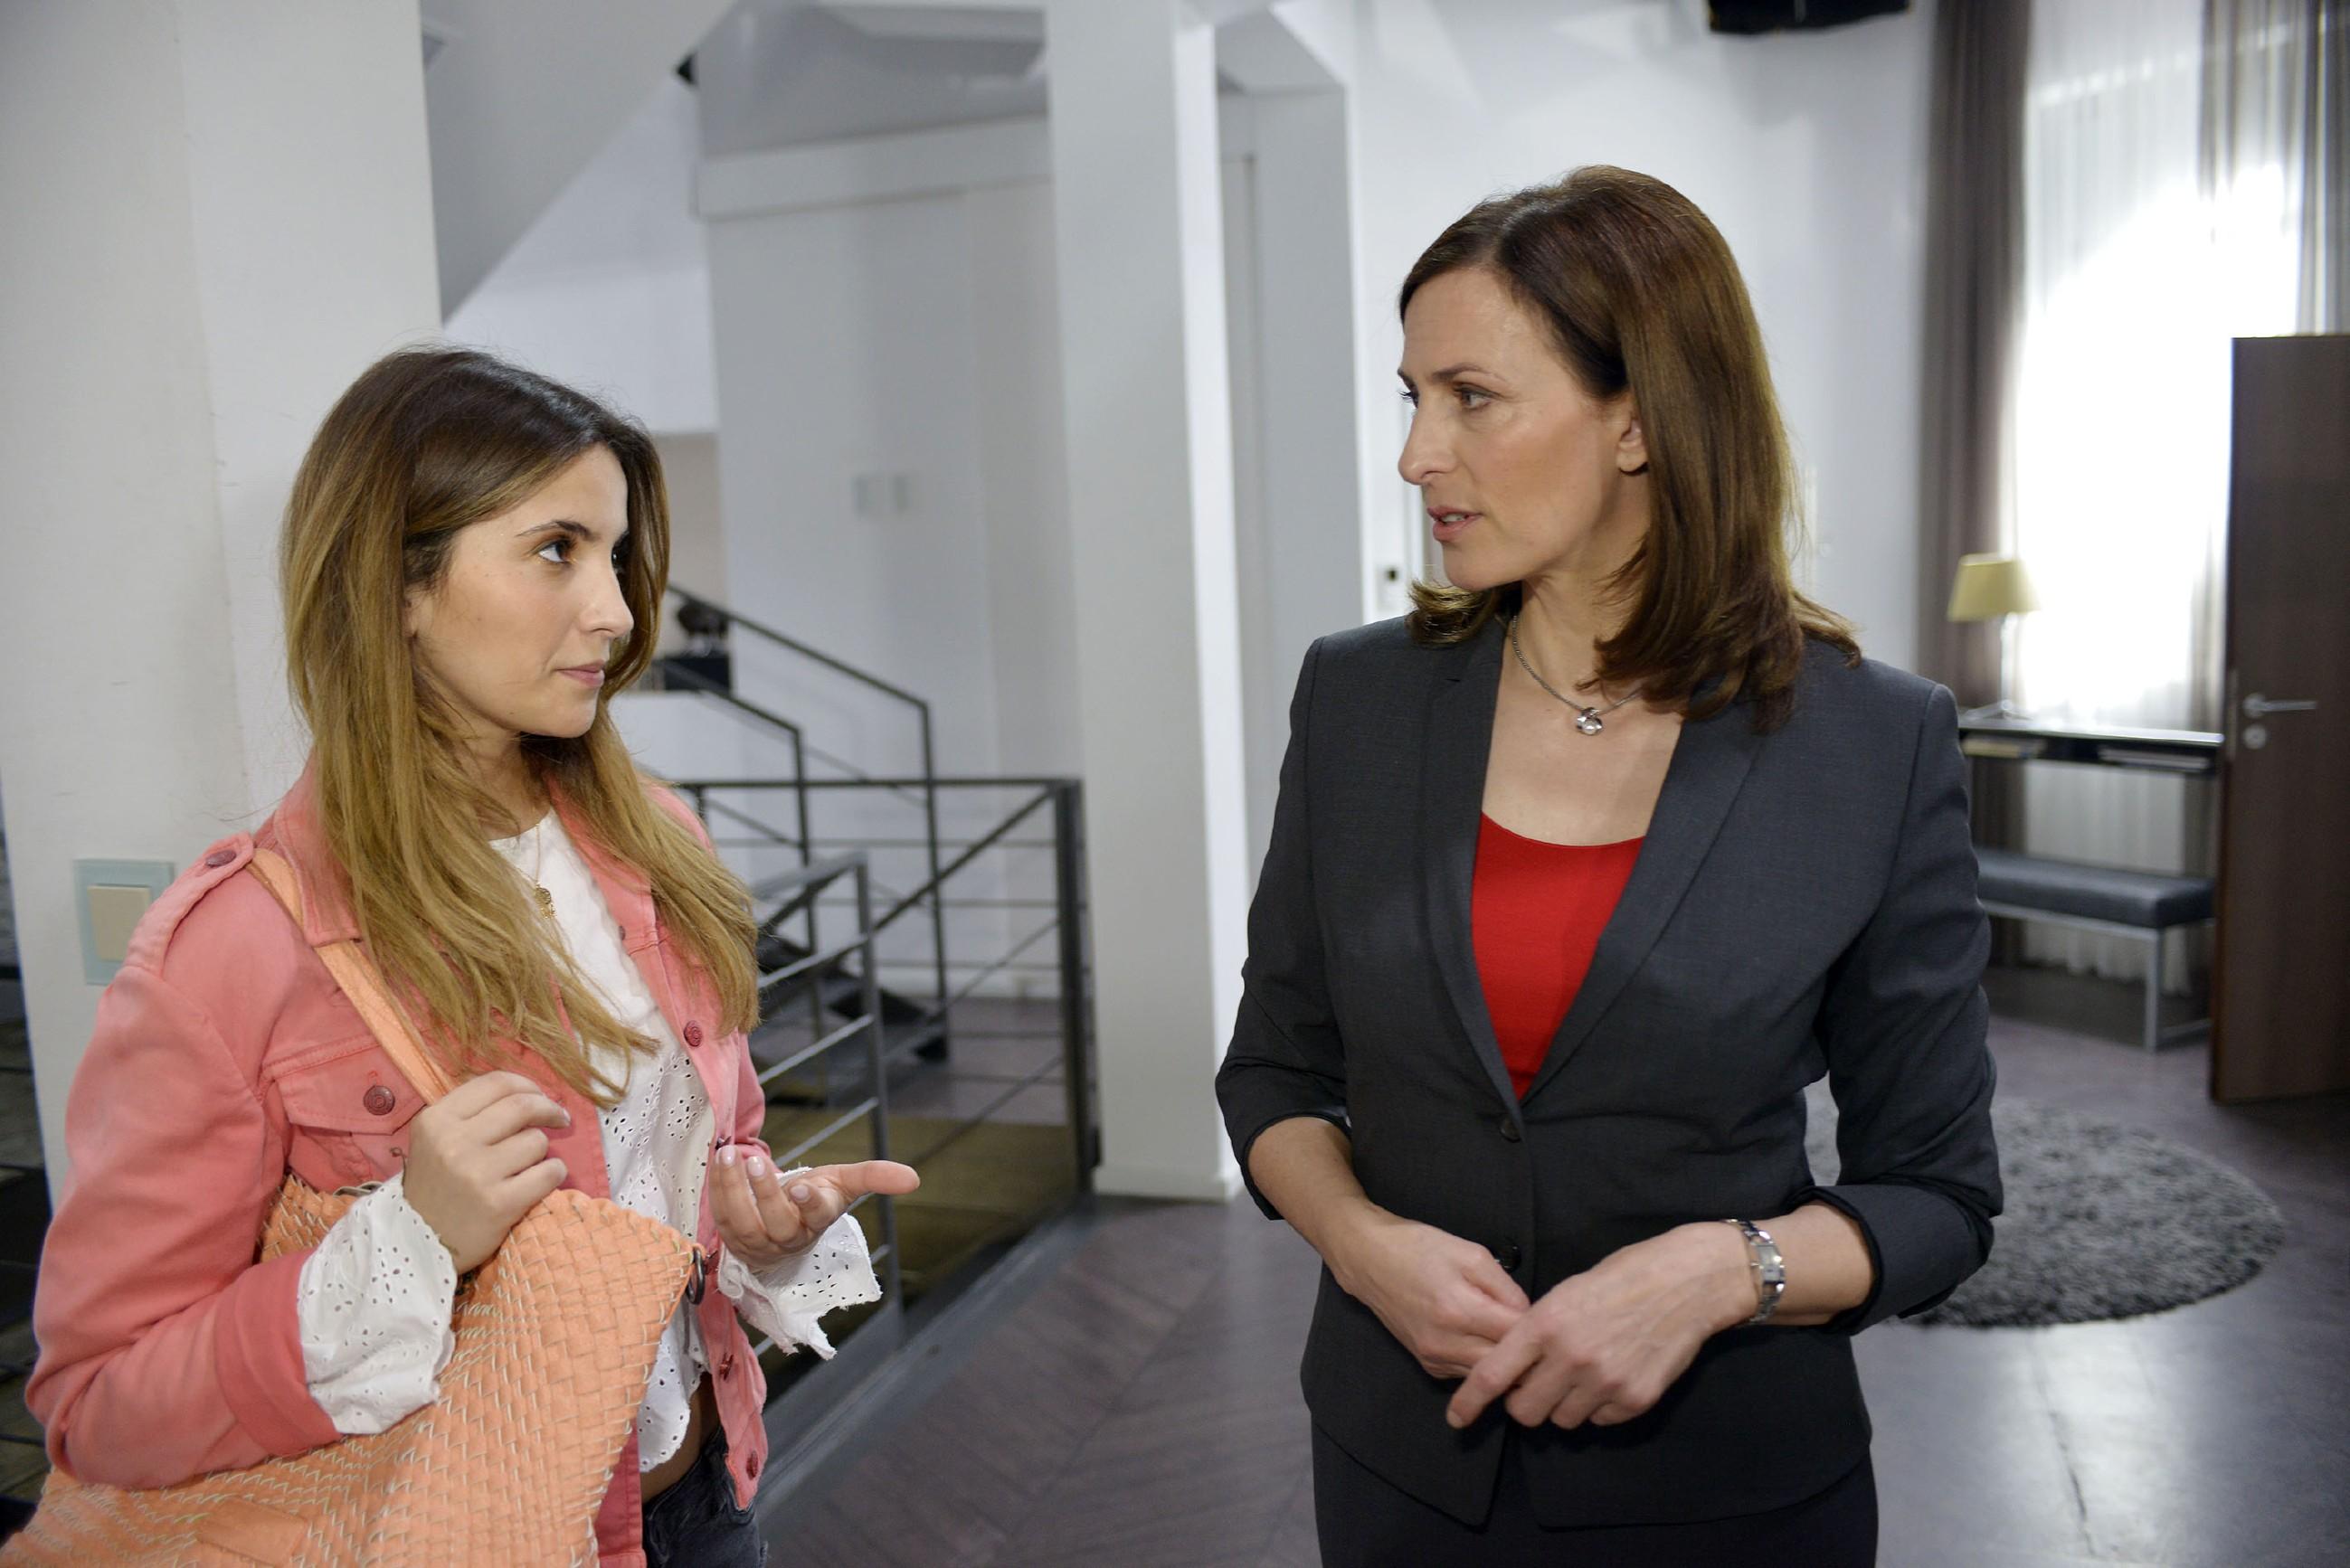 Laura (Chryssanthi Kavazi, l.) gerät unter Druck, als Katrin (Ulrike Frank) mehr über ihre Vergangenheit wissen möchte. (Quelle: RTL / Rolf Baumgartner)